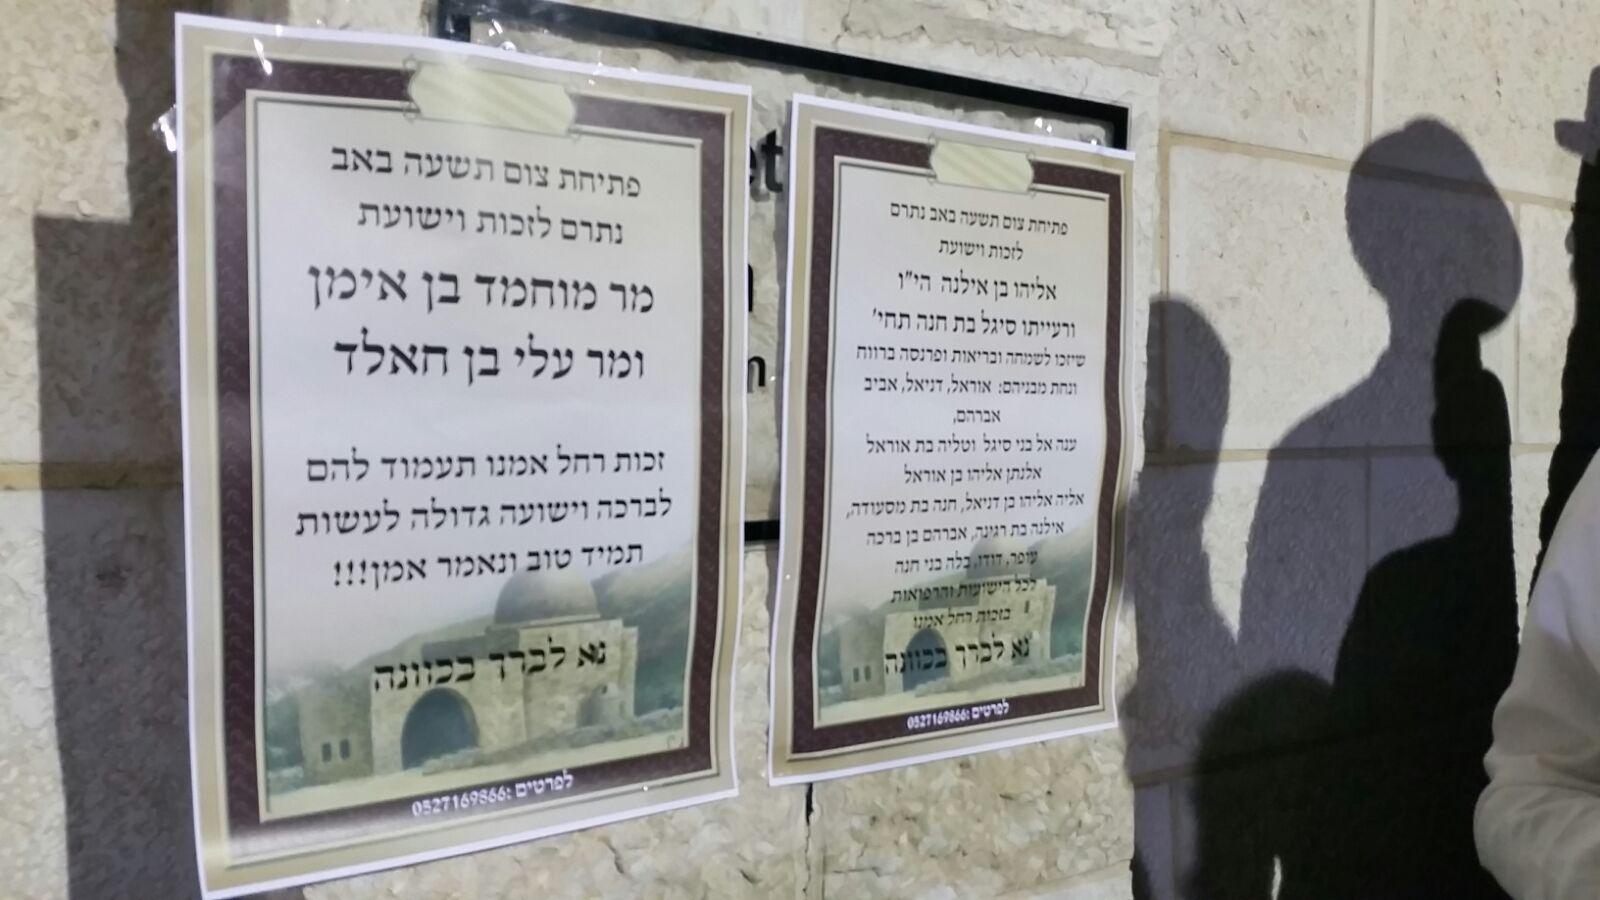 דו קיום בקבר רחל: יהודי תרם לזכות מוסלמים